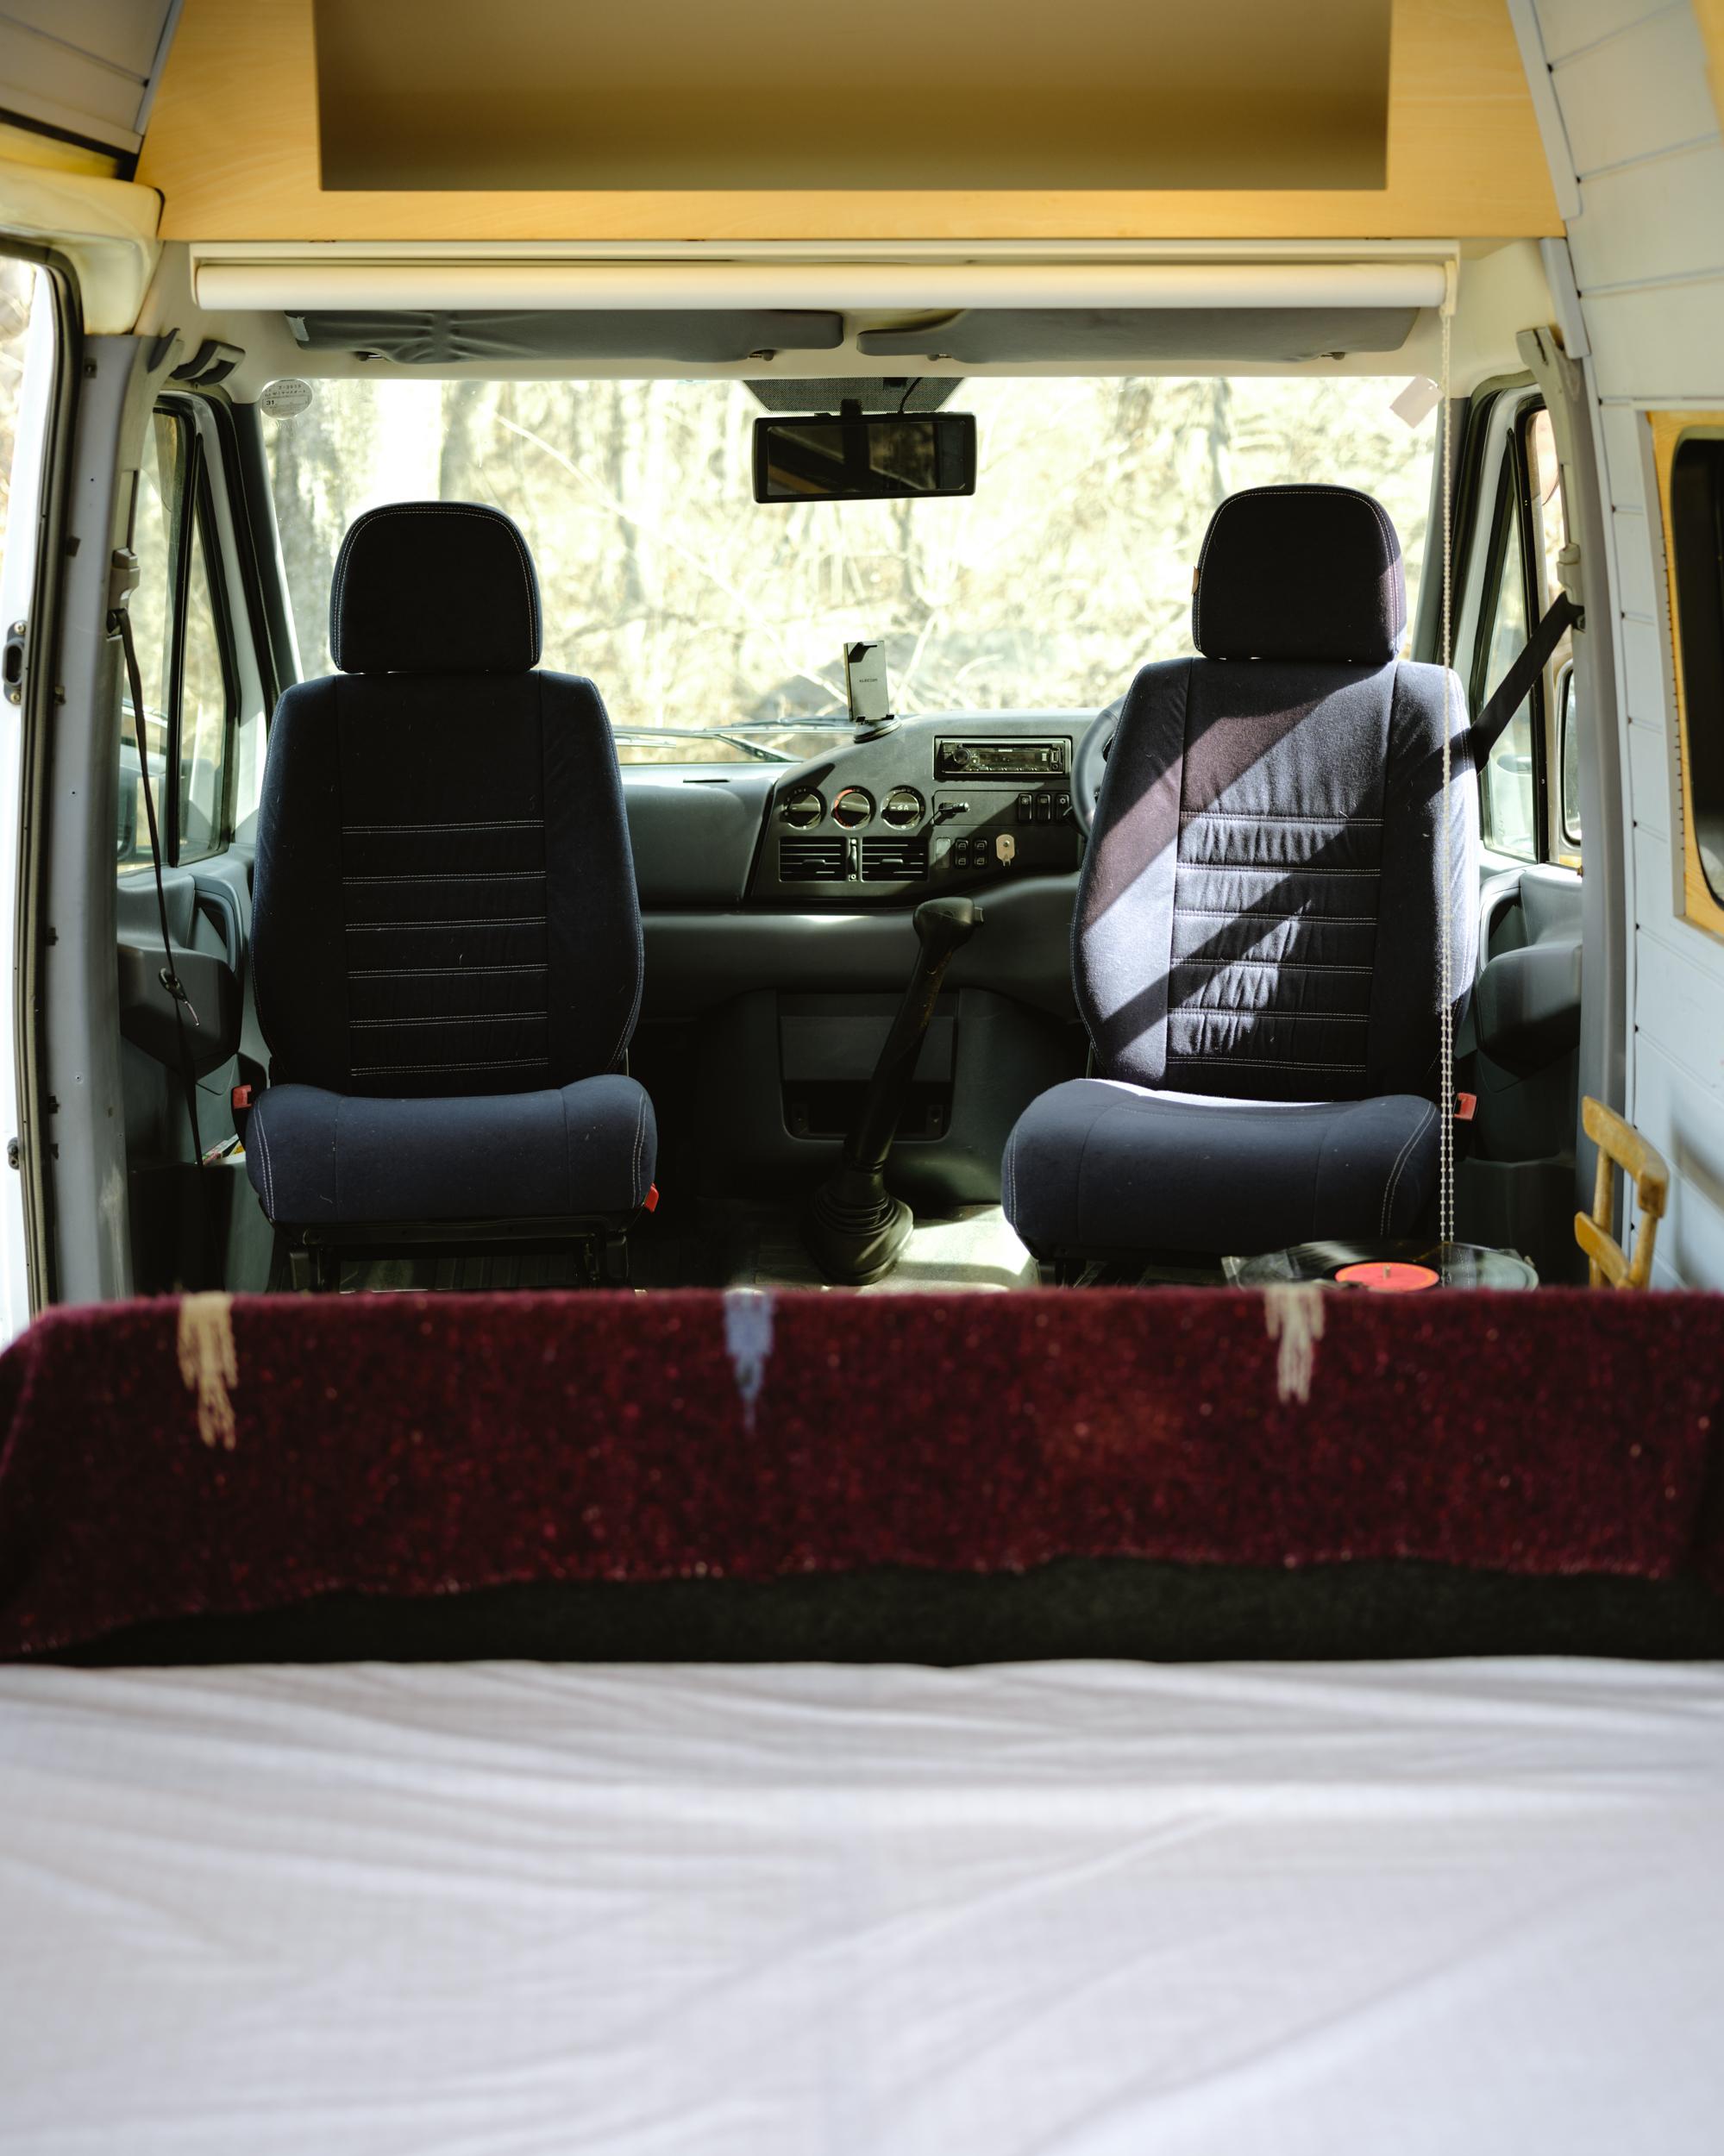 前席のドライバーズシートを回転させるとリビングスペースに様変わり。※停車中のみご使用ください。走行時はNGです。